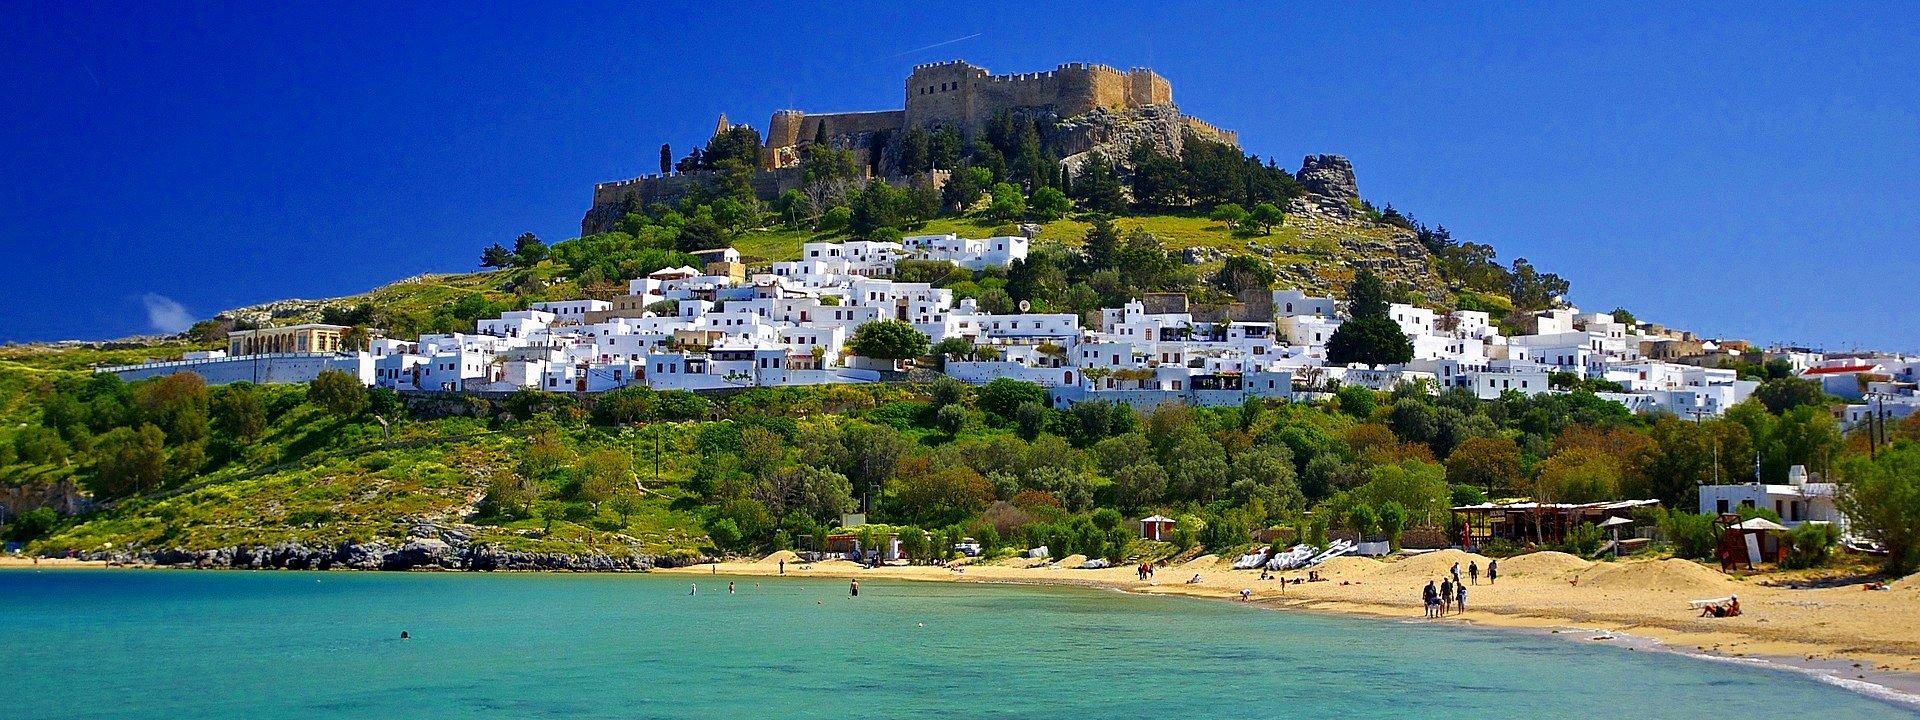 Rodos, Grčka